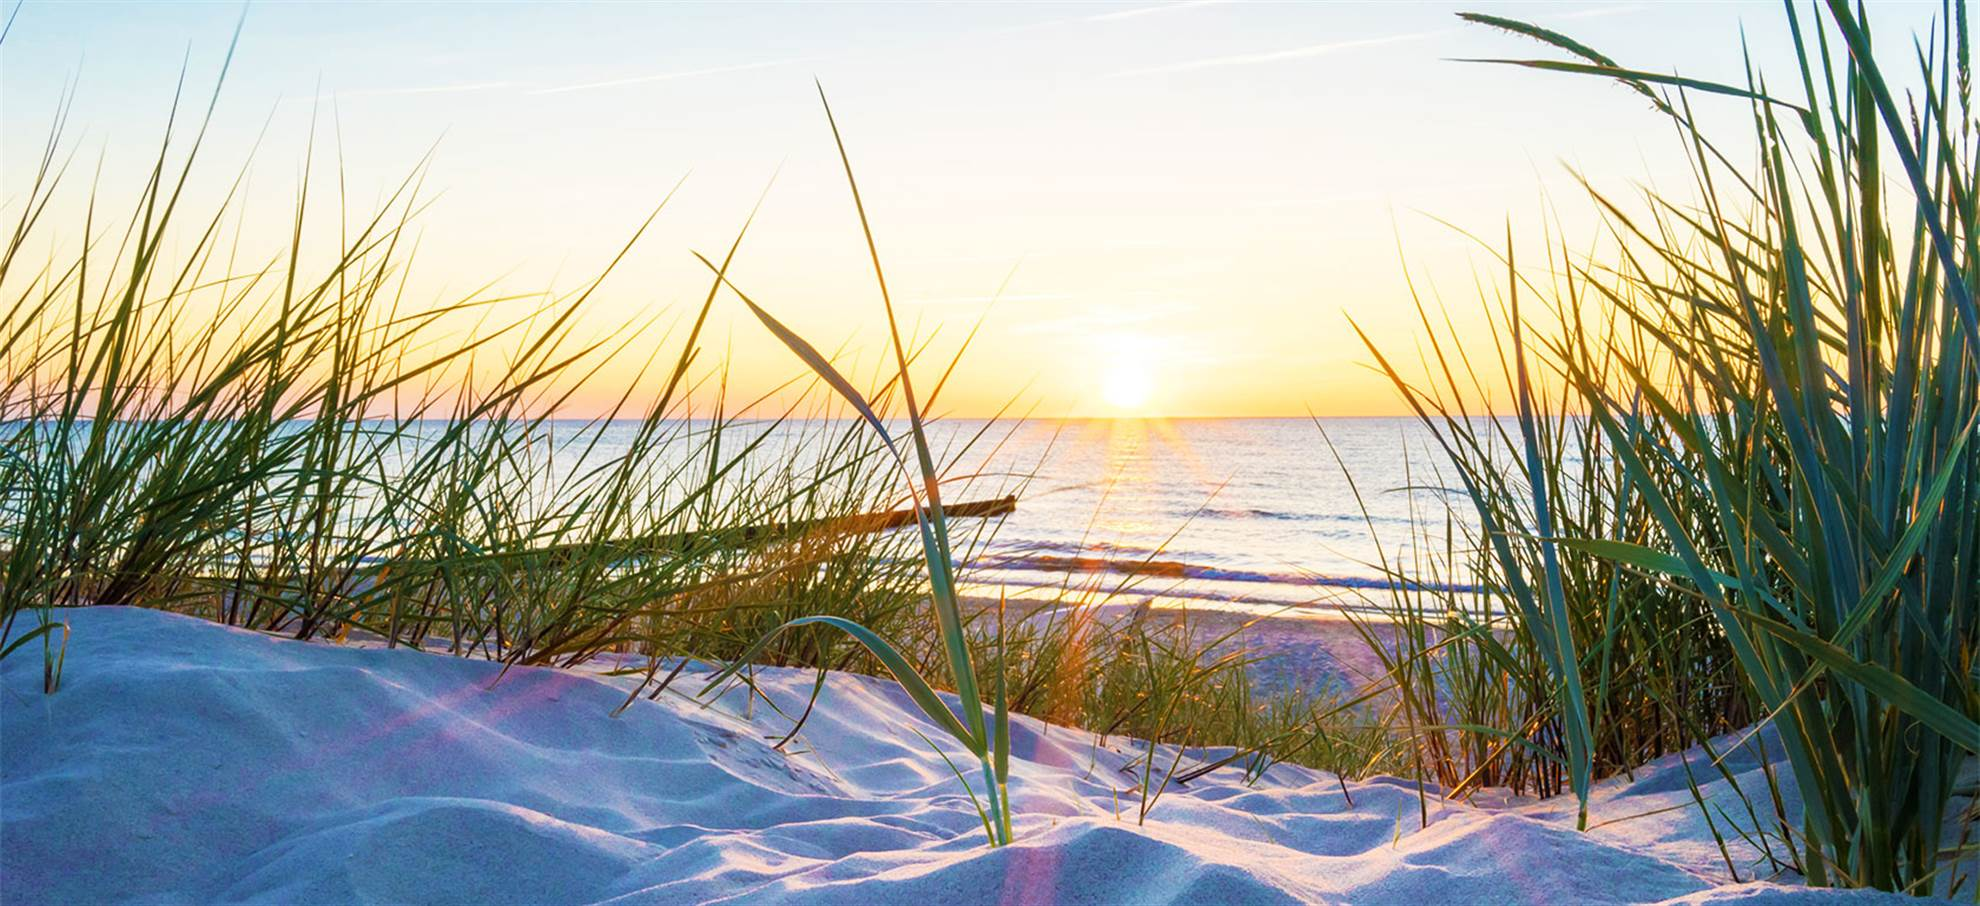 Duin- en strandexcursie: ontdek het land onder de zeespiegel!